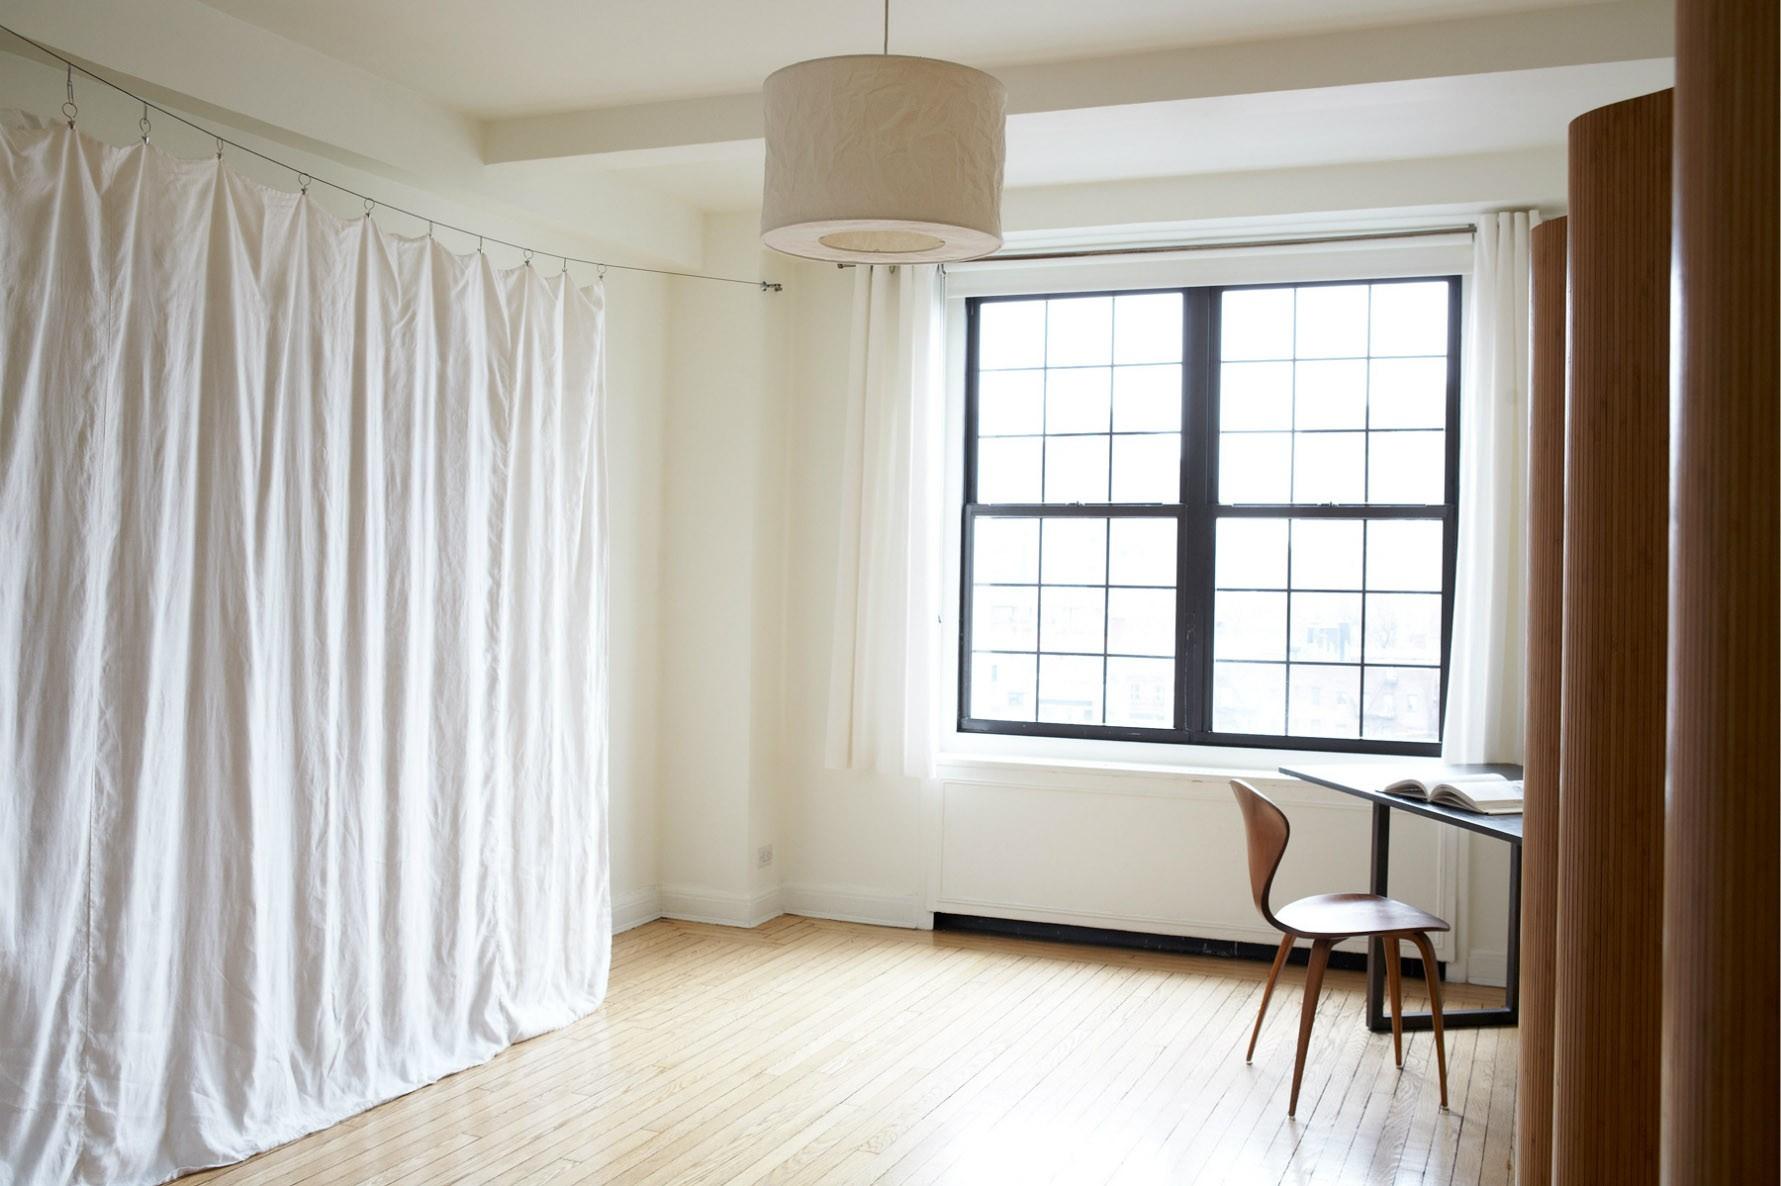 Спальня в однокомнатной квартире с тканевой перегородкой